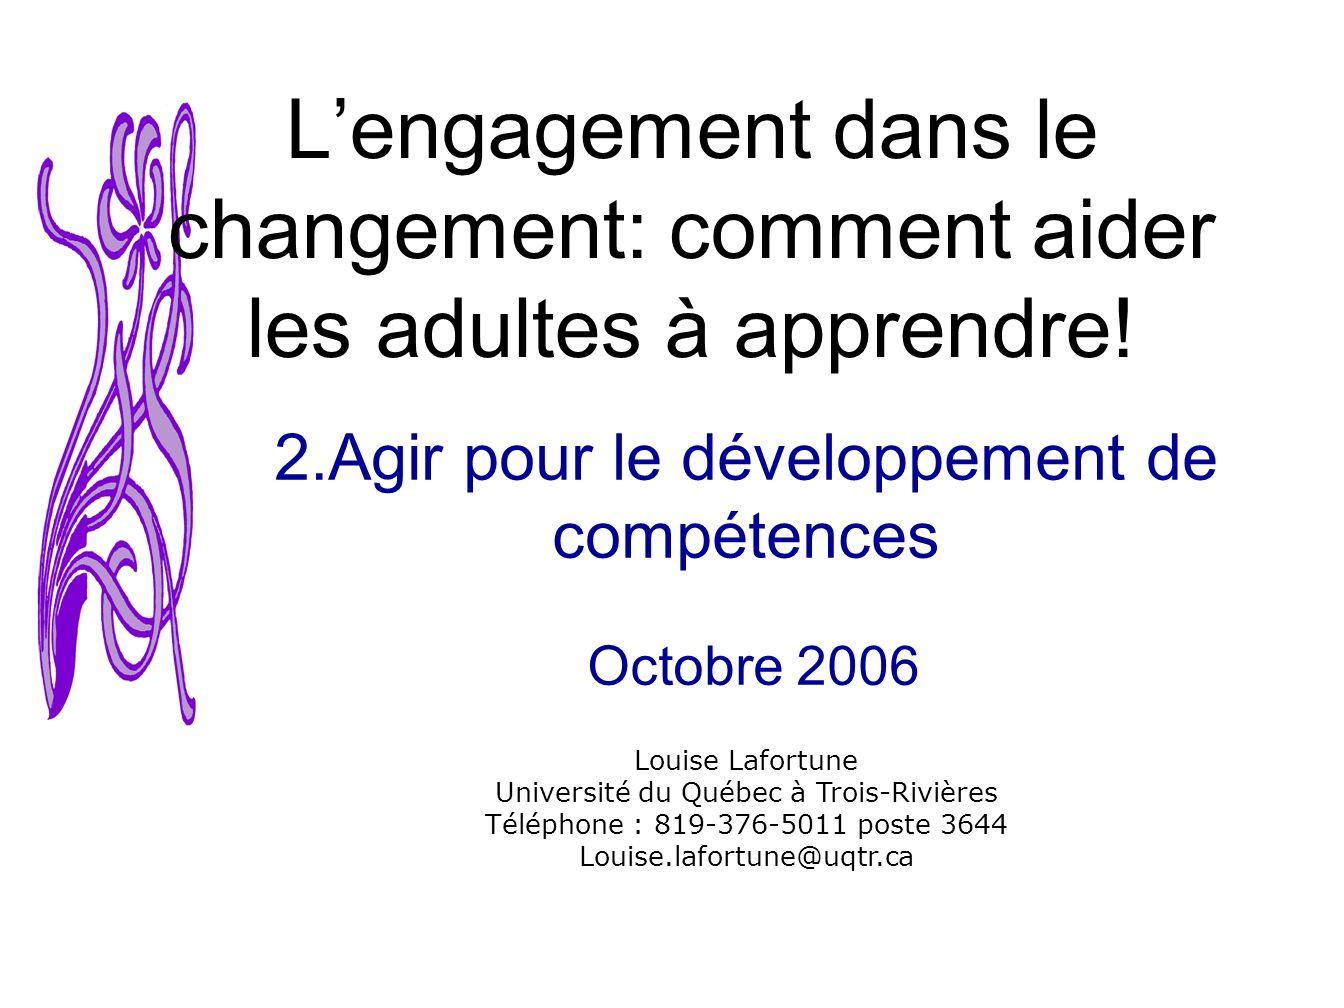 Louise Lafortune Université du Québec à Trois-Rivières Téléphone : 819-376-5011 poste 3644 Louise.lafortune@uqtr.ca Lengagement dans le changement: comment aider les adultes à apprendre.